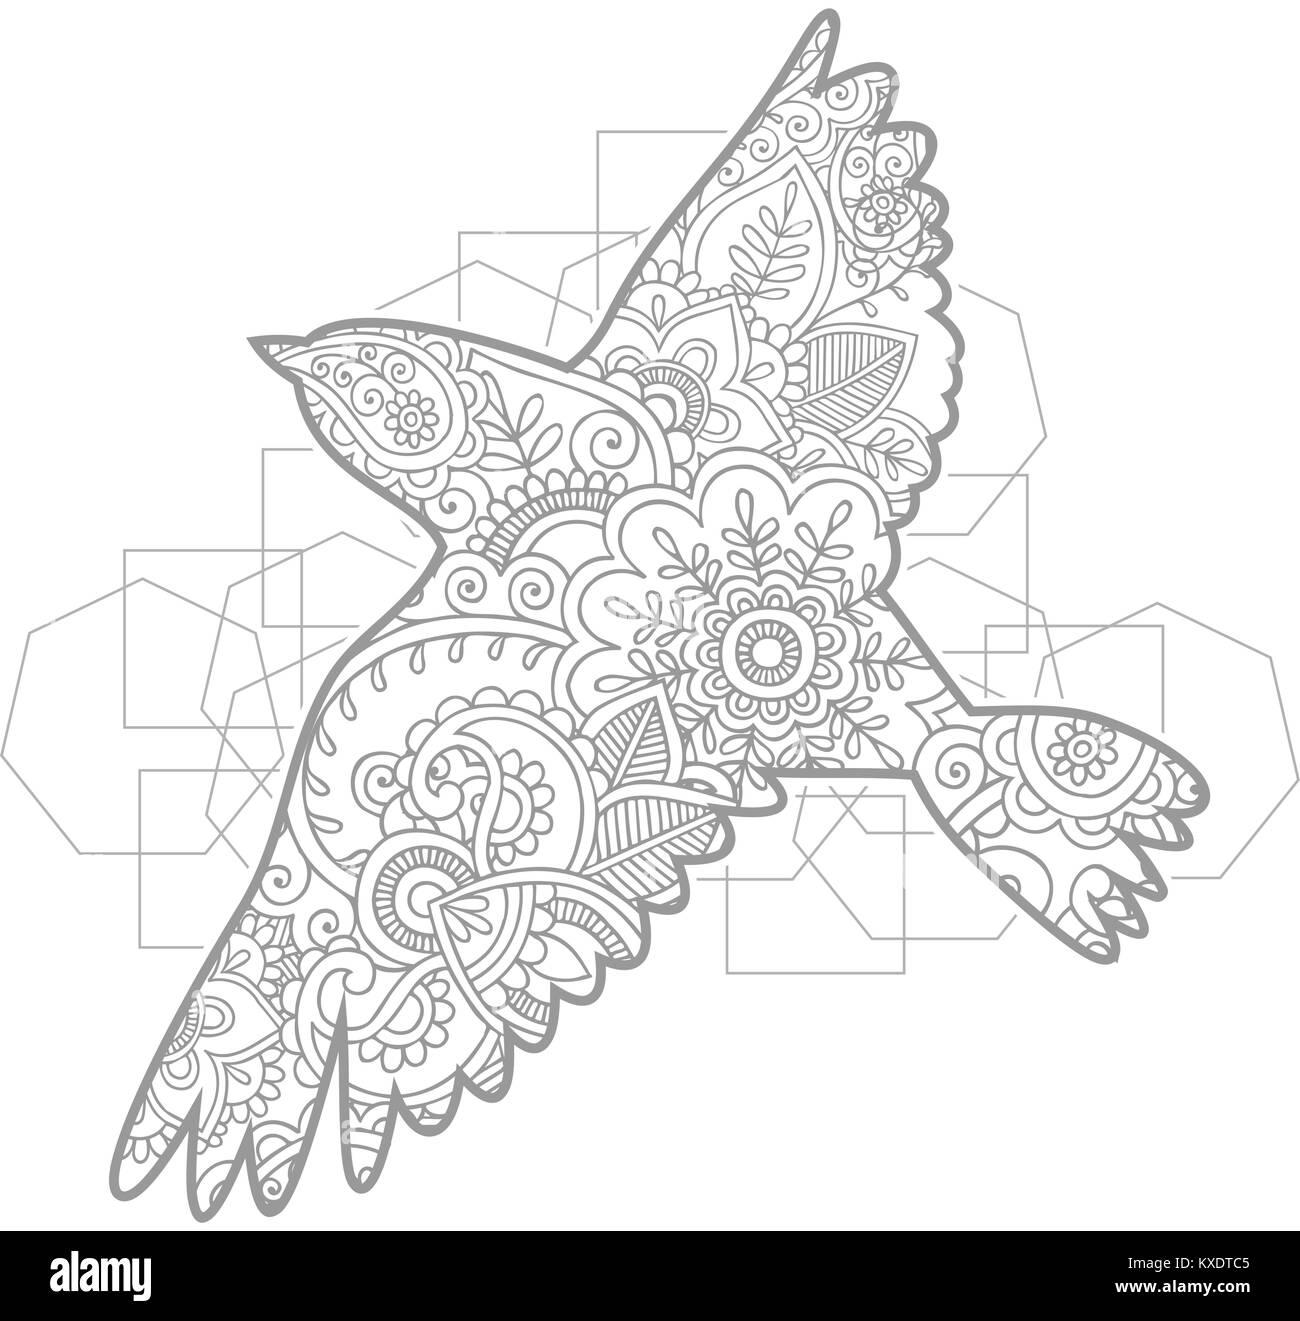 Coloriage Animaux Volants.Oiseau Volant Dessine A La Main Des Animaux Adultes Paisley Doodle